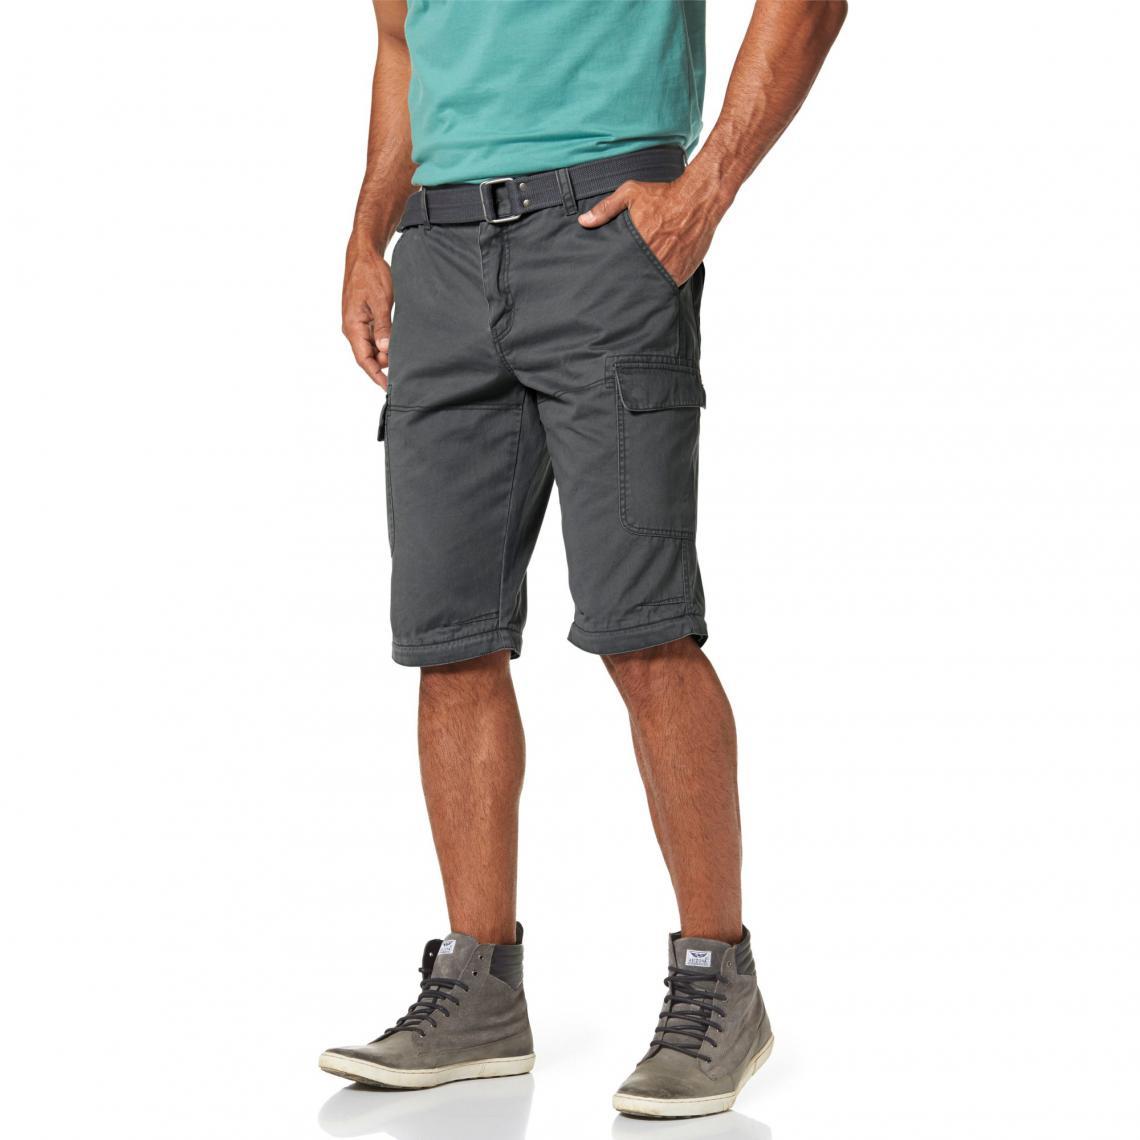 Pantalon 2 en 1 cargo avec ceinture homme Man s World - Gris Man s World  Homme 6a275855914